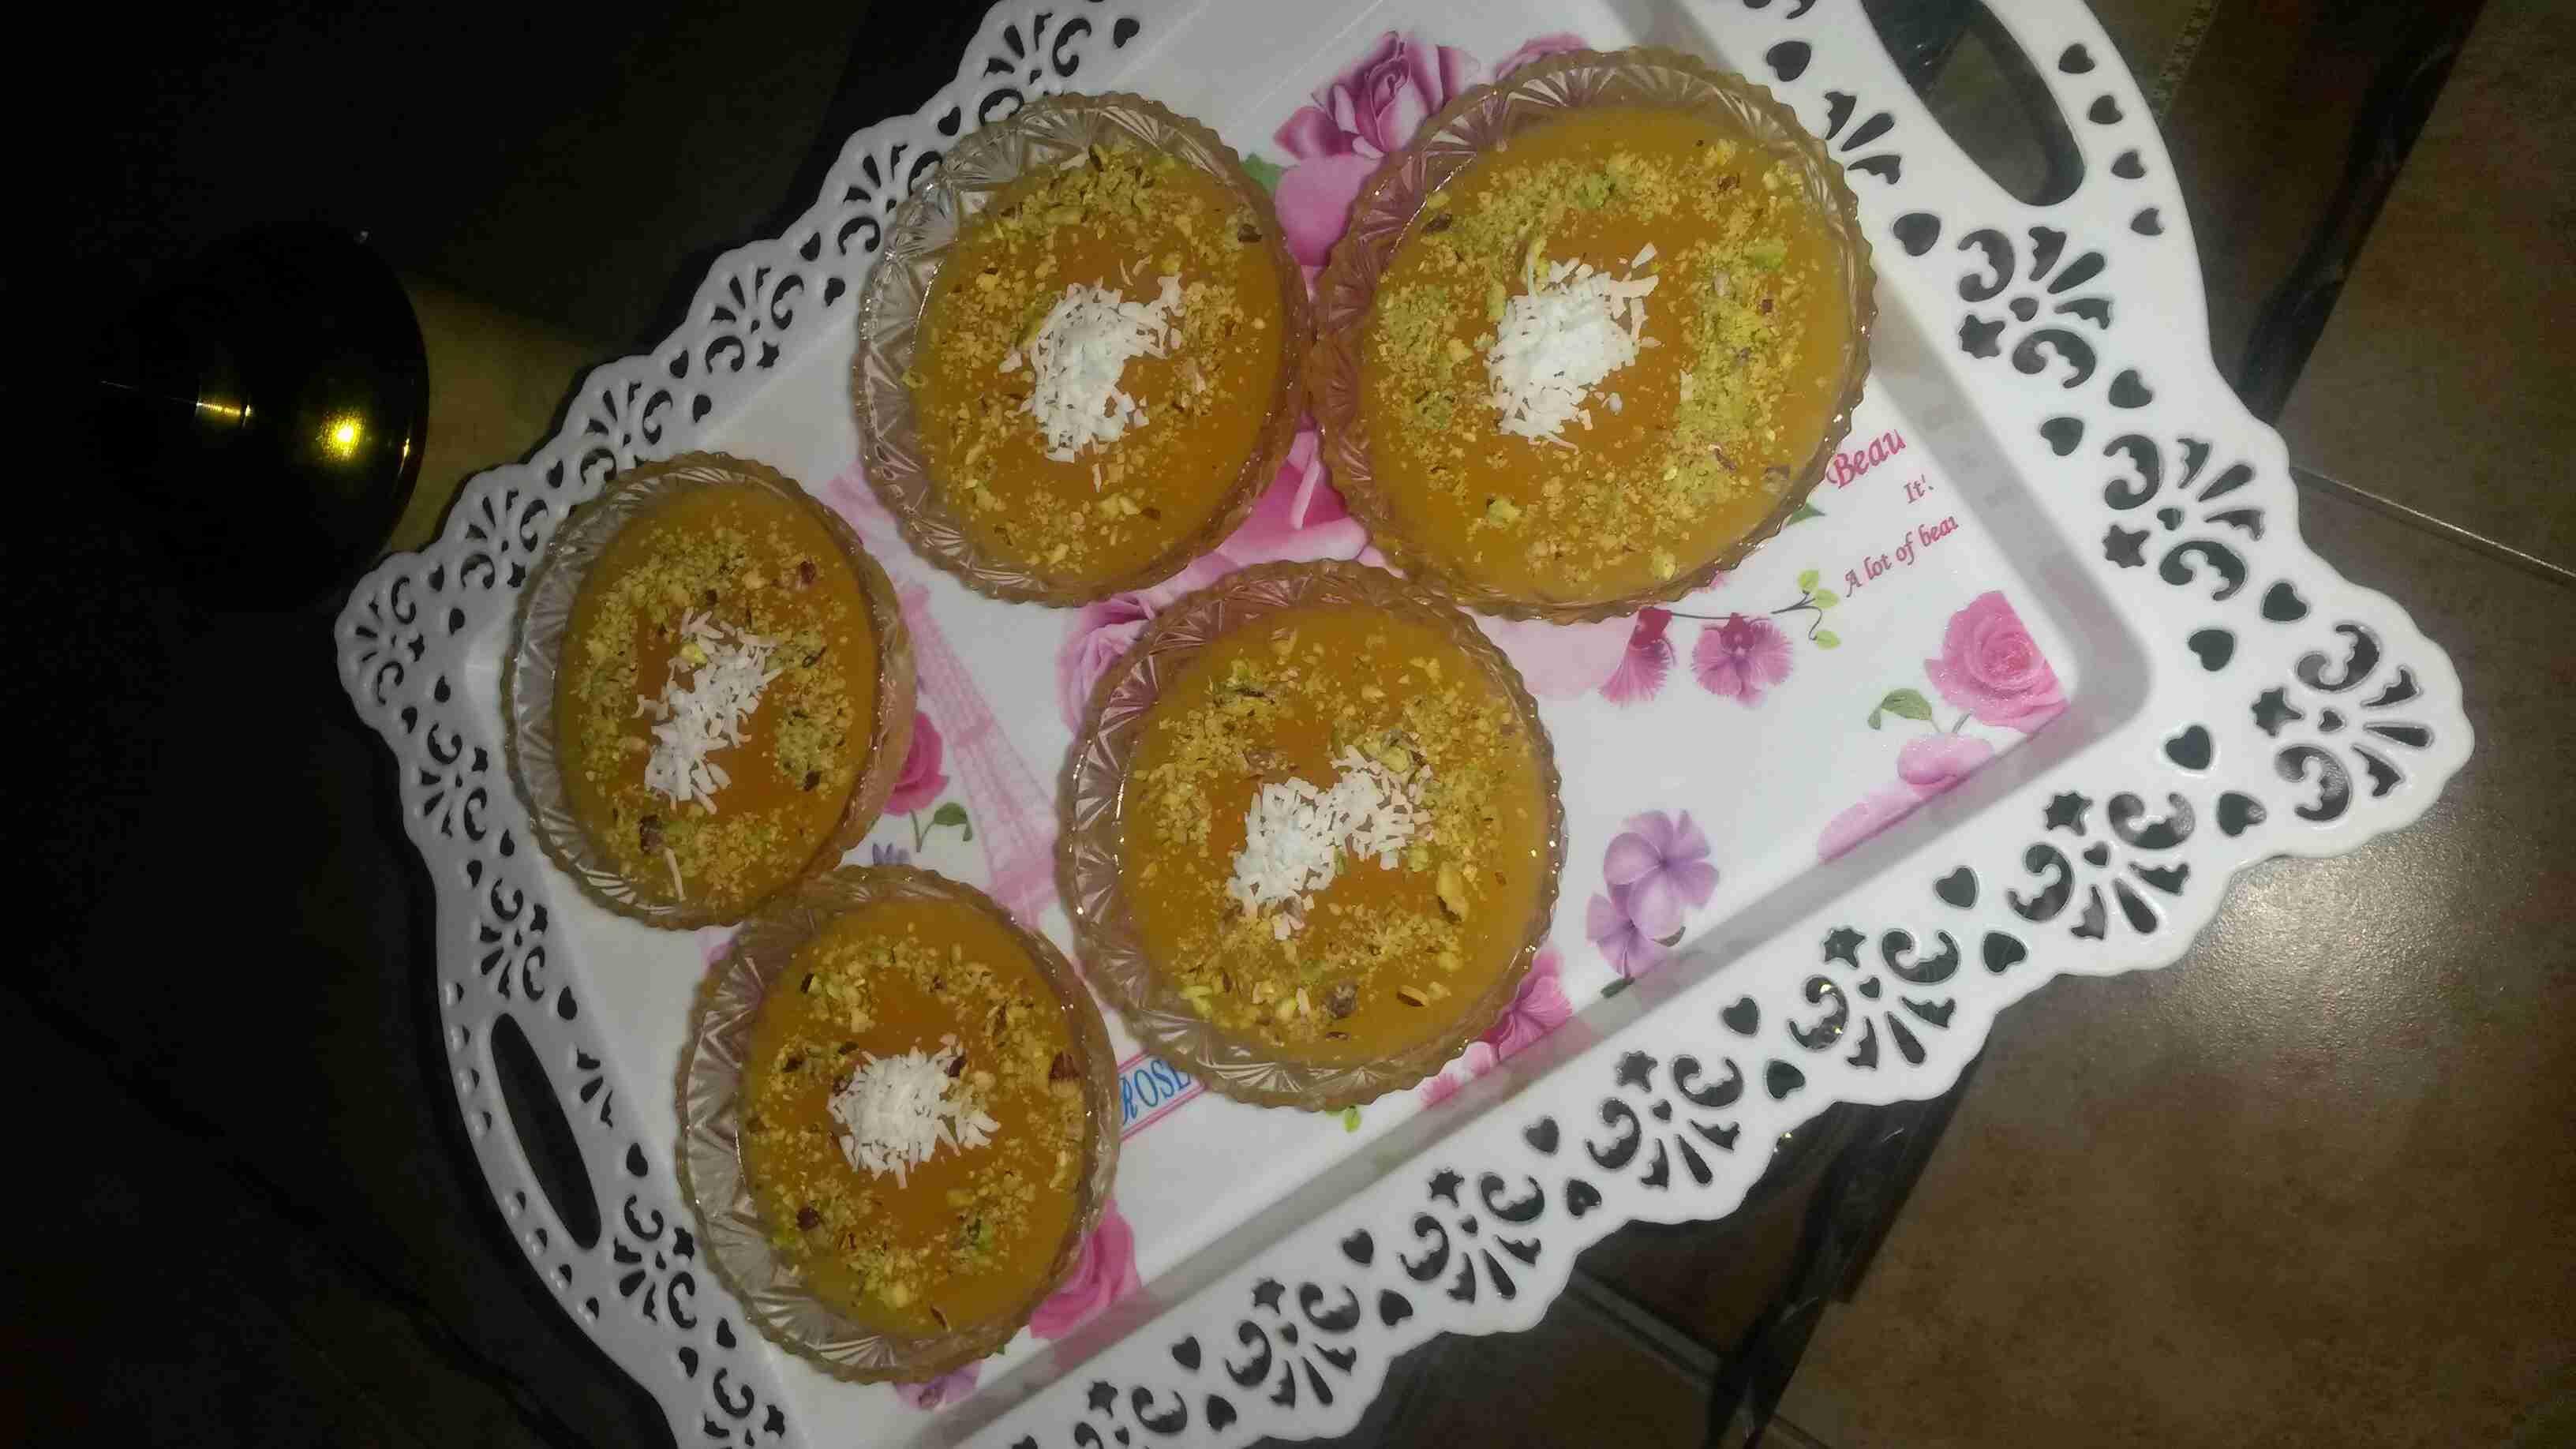 مهلبية قمر الدين ملكة الاطباق الجانبية في رمضان زاكي Food Breakfast Muffin